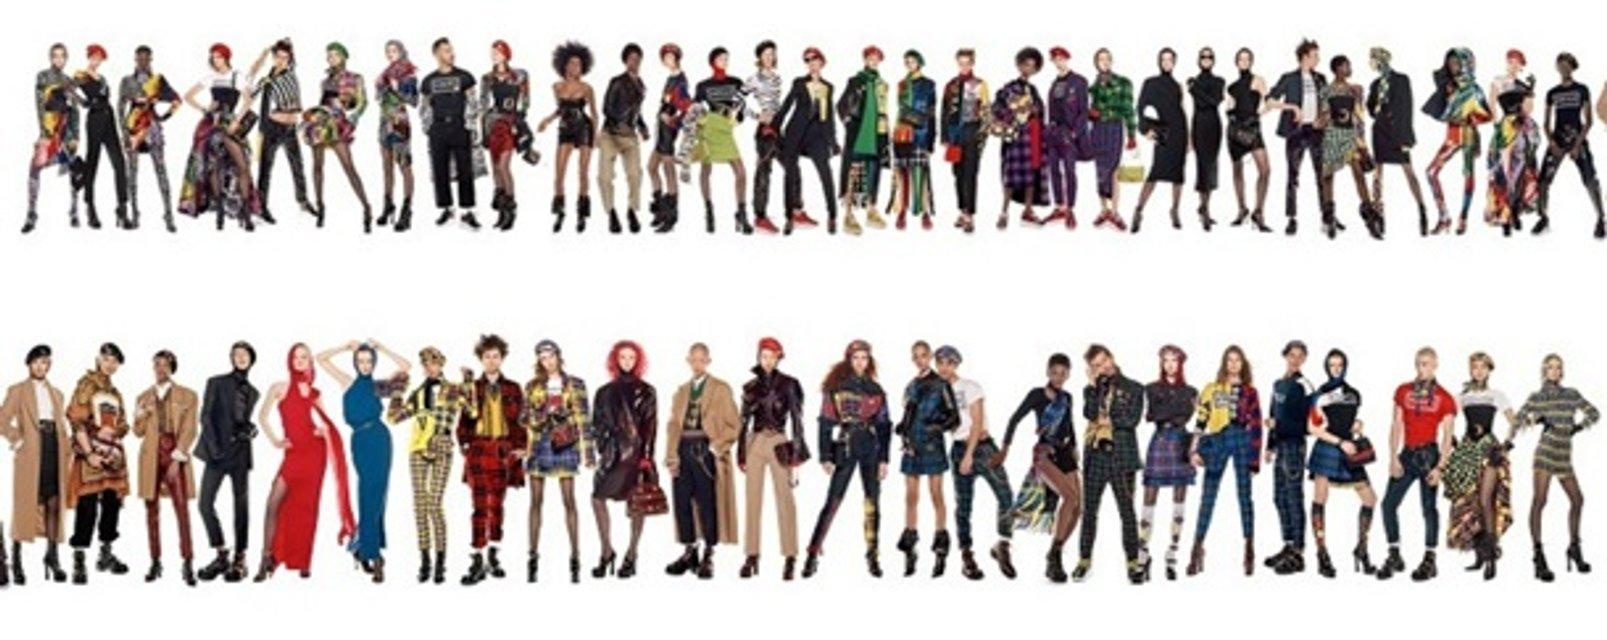 Versace сняли самую длинную фотографию в истории моды - фото 136982